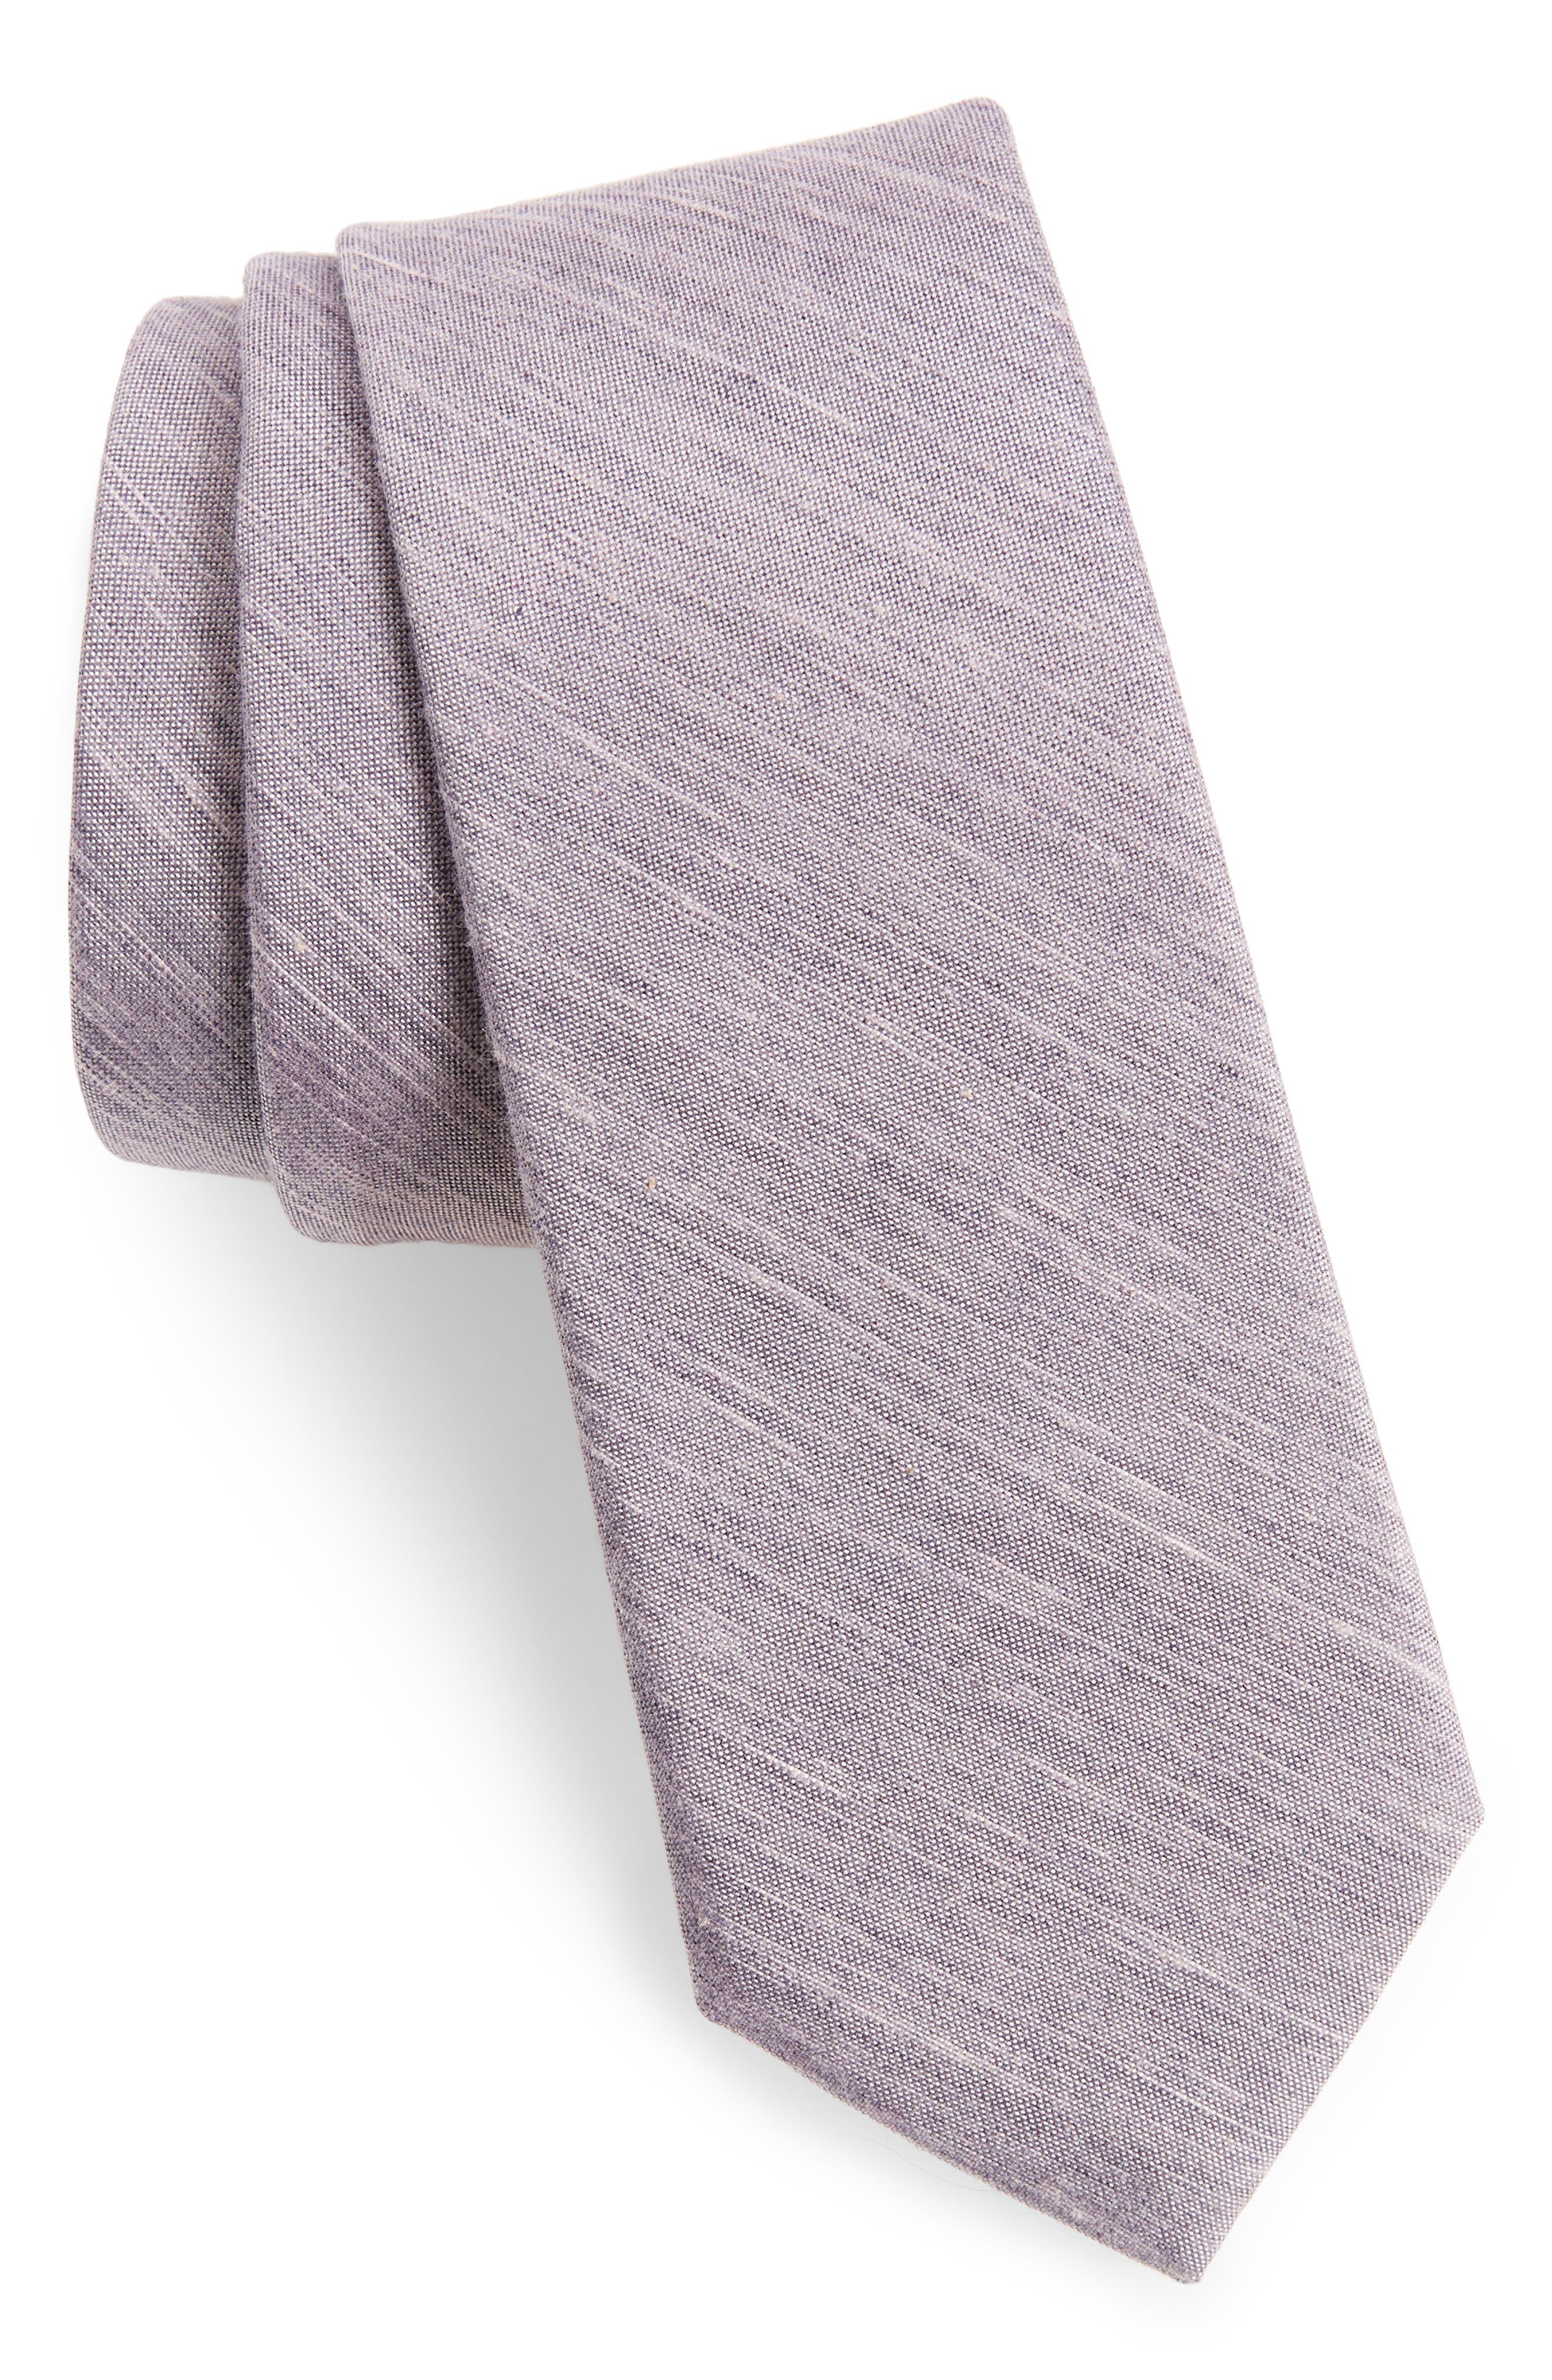 Marcus Solid Cotton Blend Tie,                         Main,                         color, 020